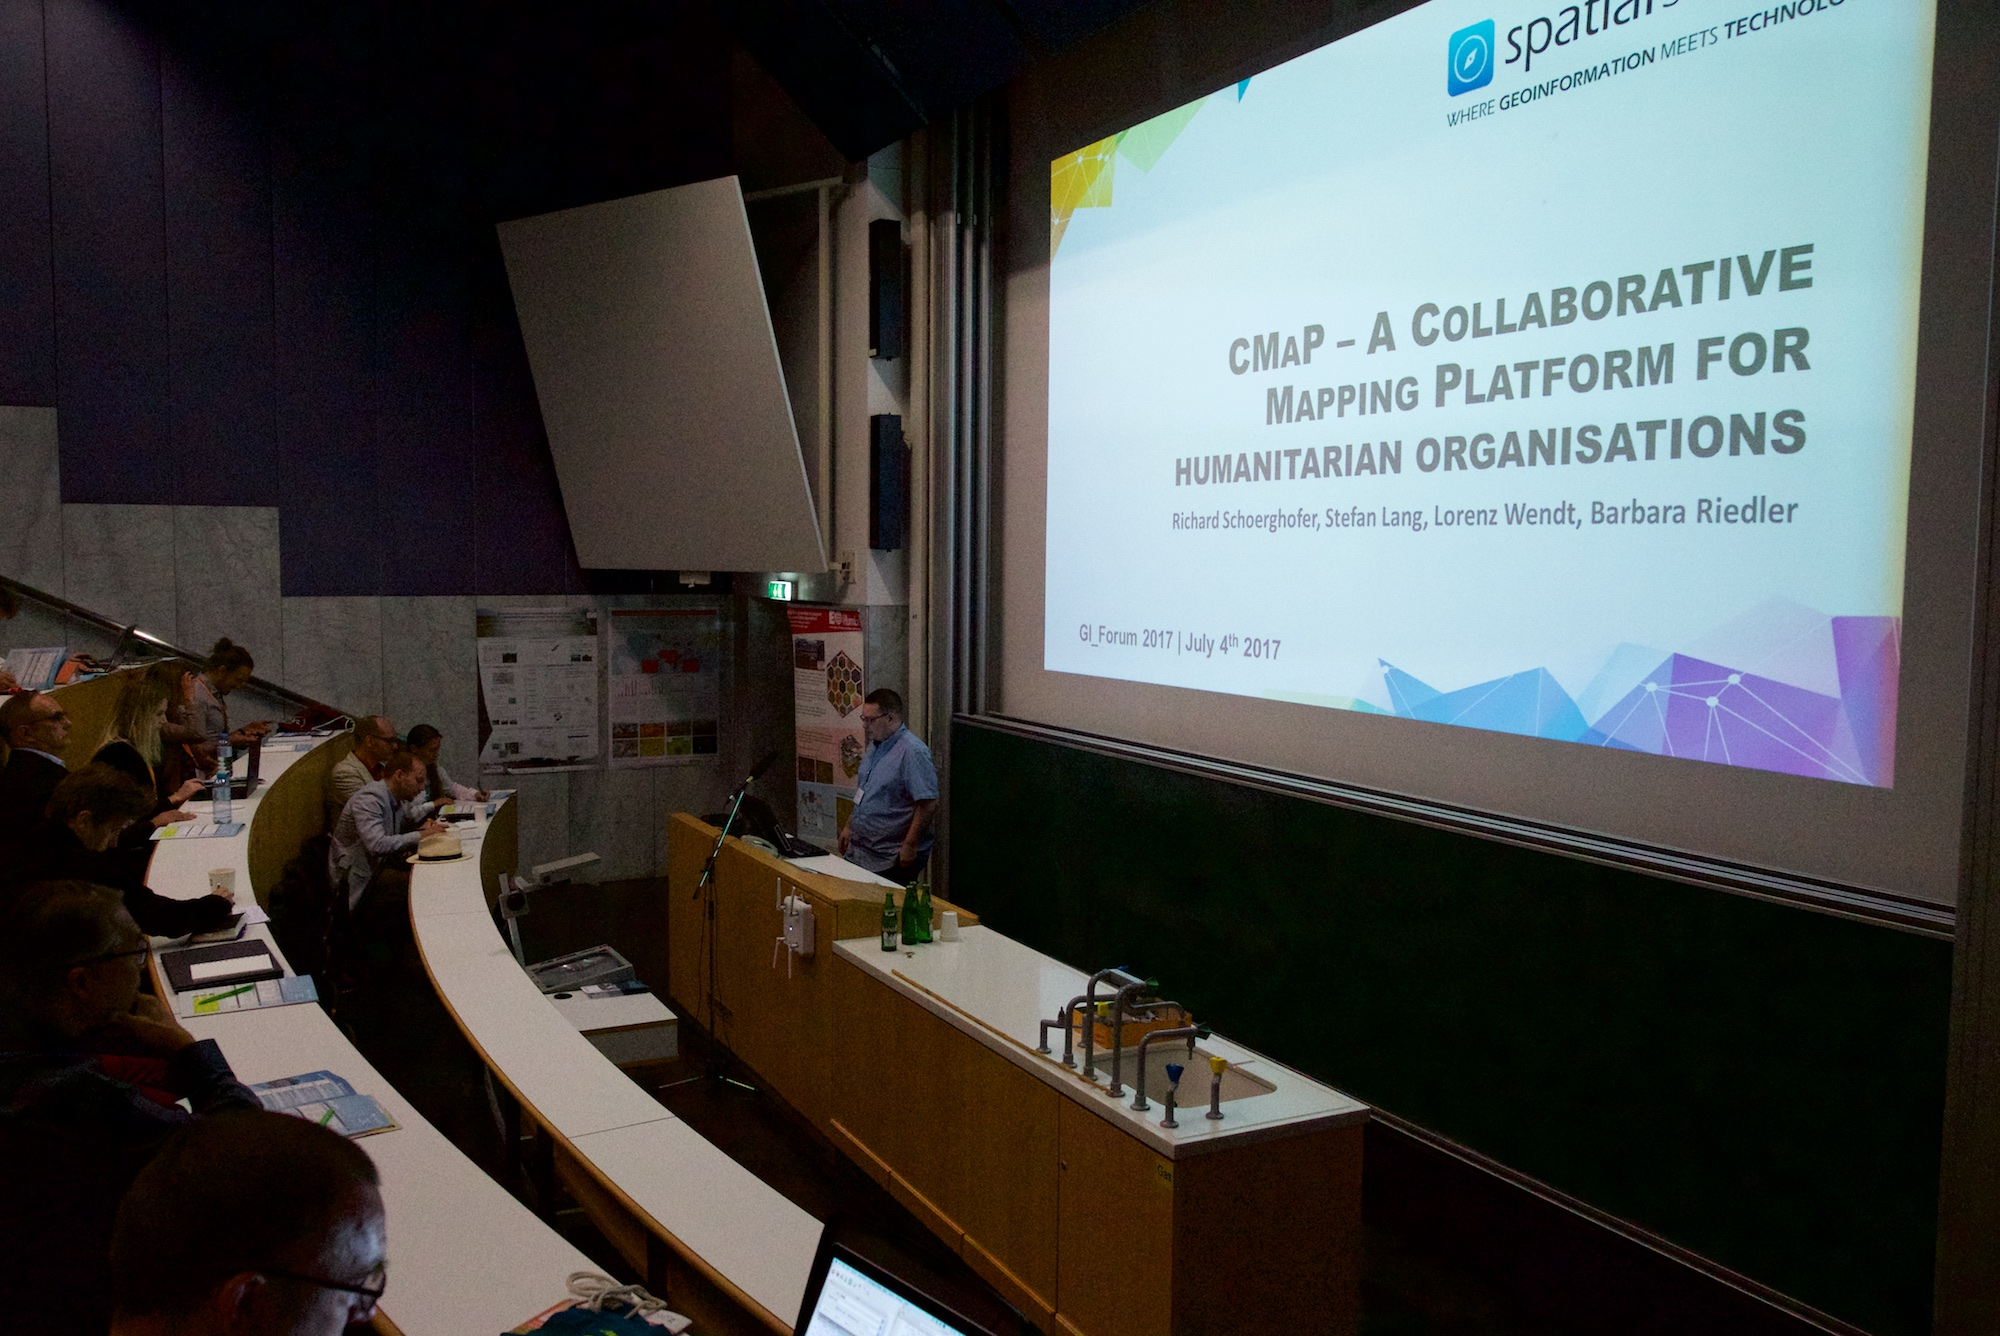 GIForum Beitrag CMaP Foto: https://www.flickr.com/people/uni-salzburg/